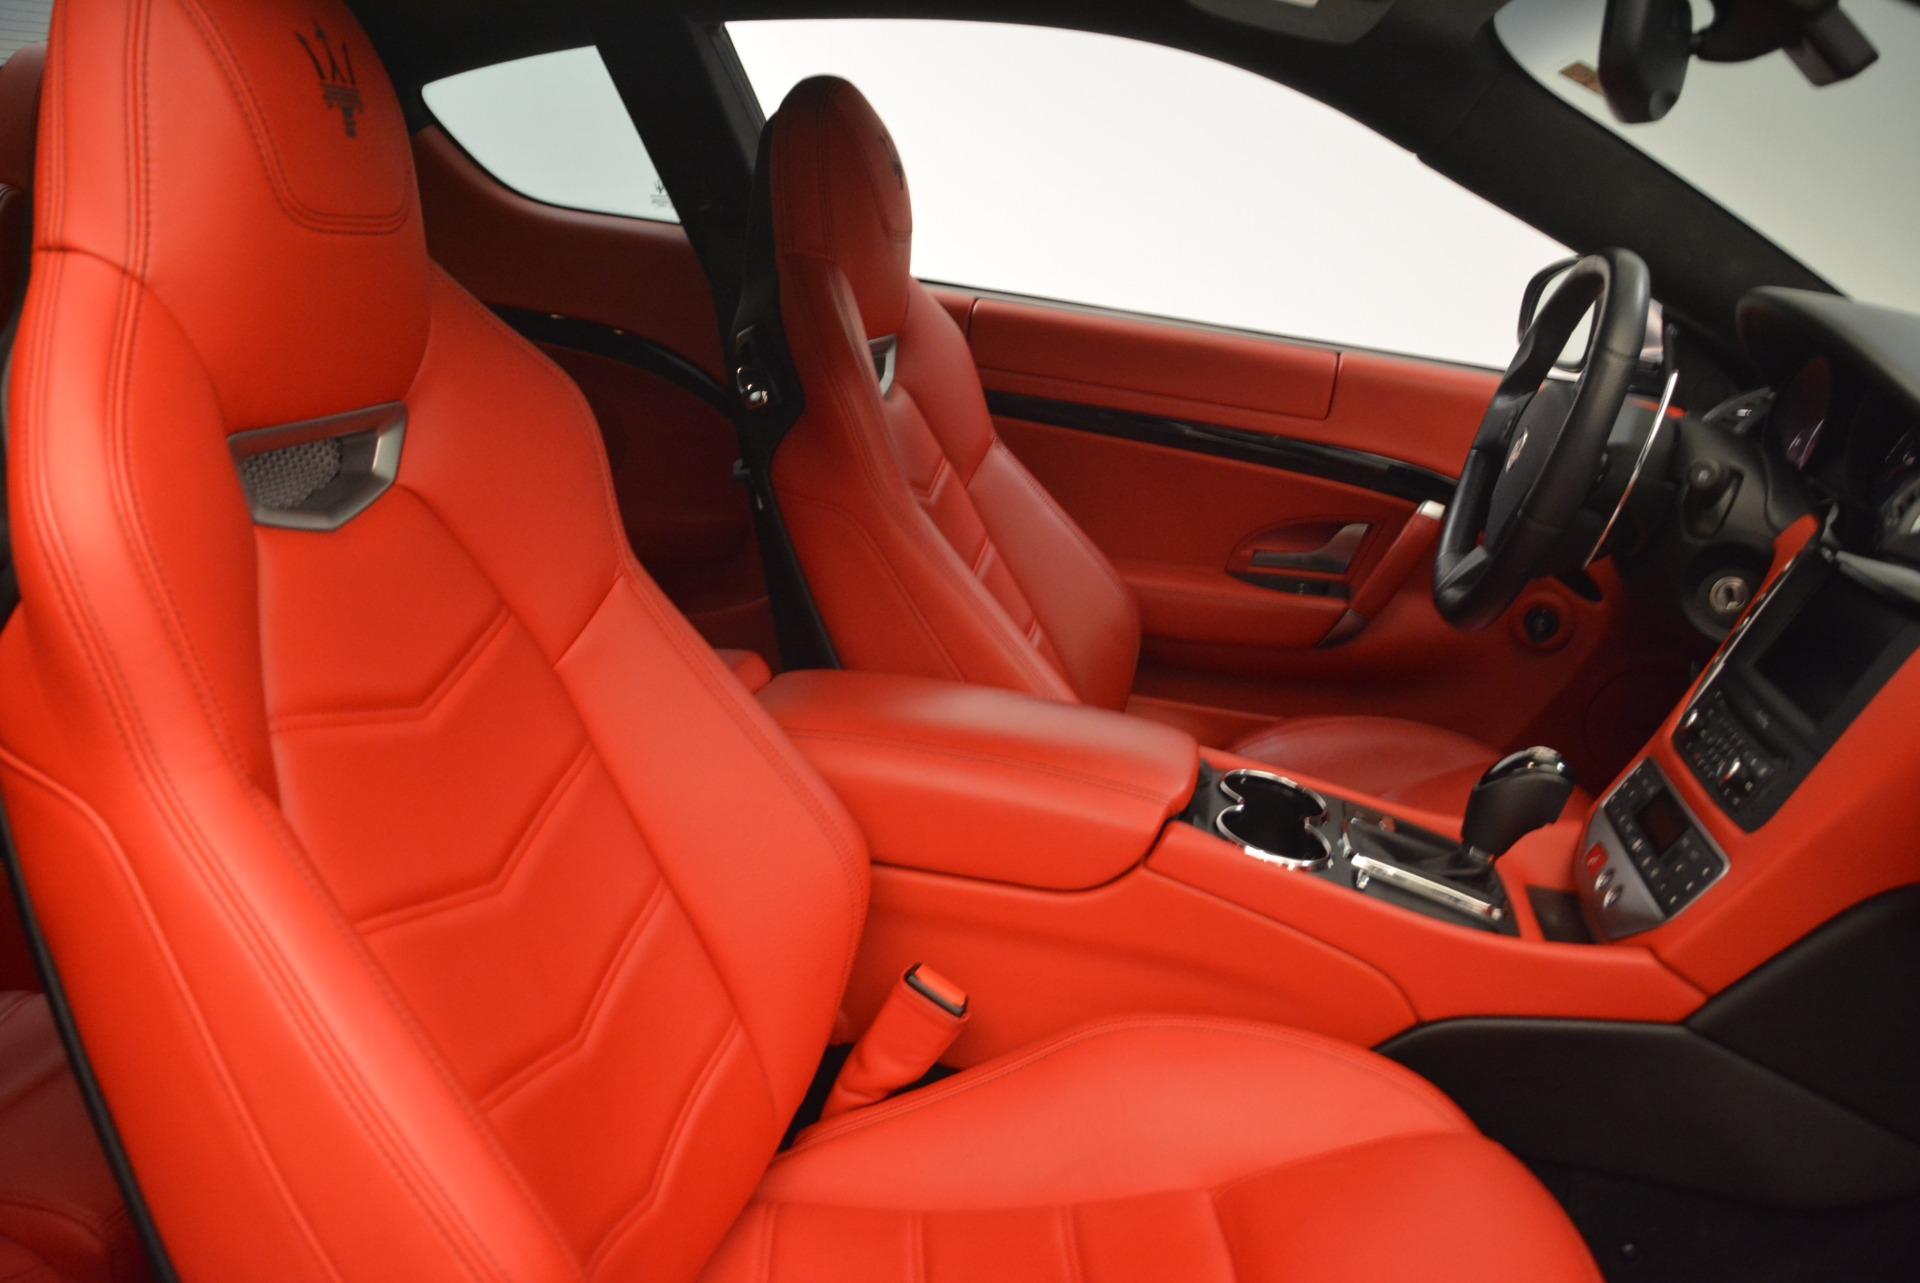 Used 2014 Maserati GranTurismo Sport For Sale In Greenwich, CT 2131_p18